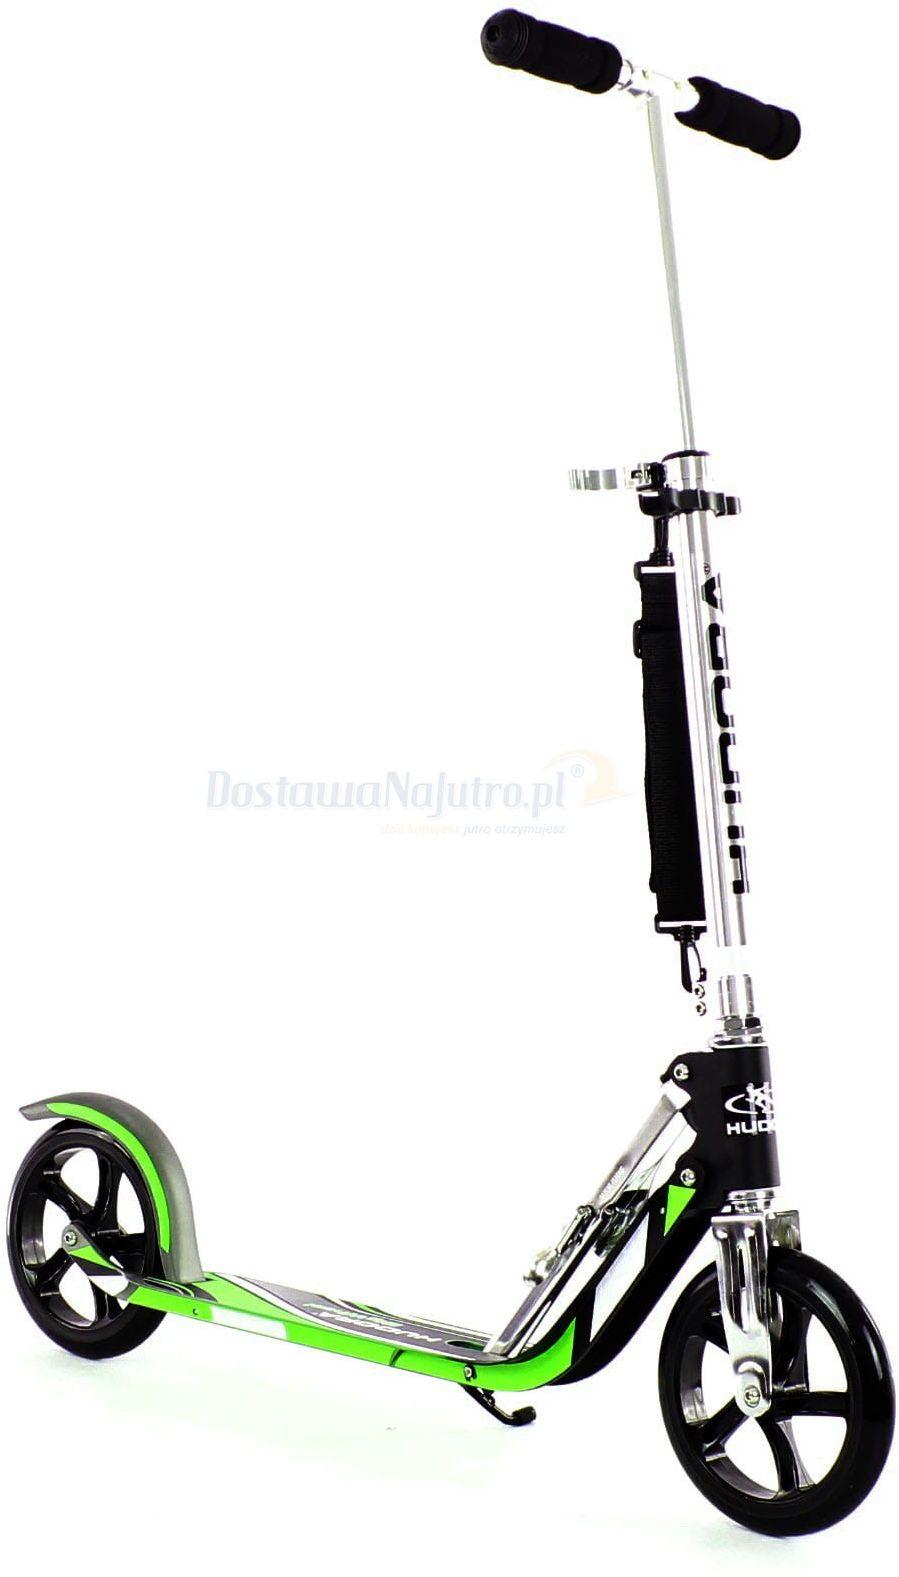 Hulajnoga HUDORA 205mm Big Wheel GS 100kg XXL składana kolor zielony